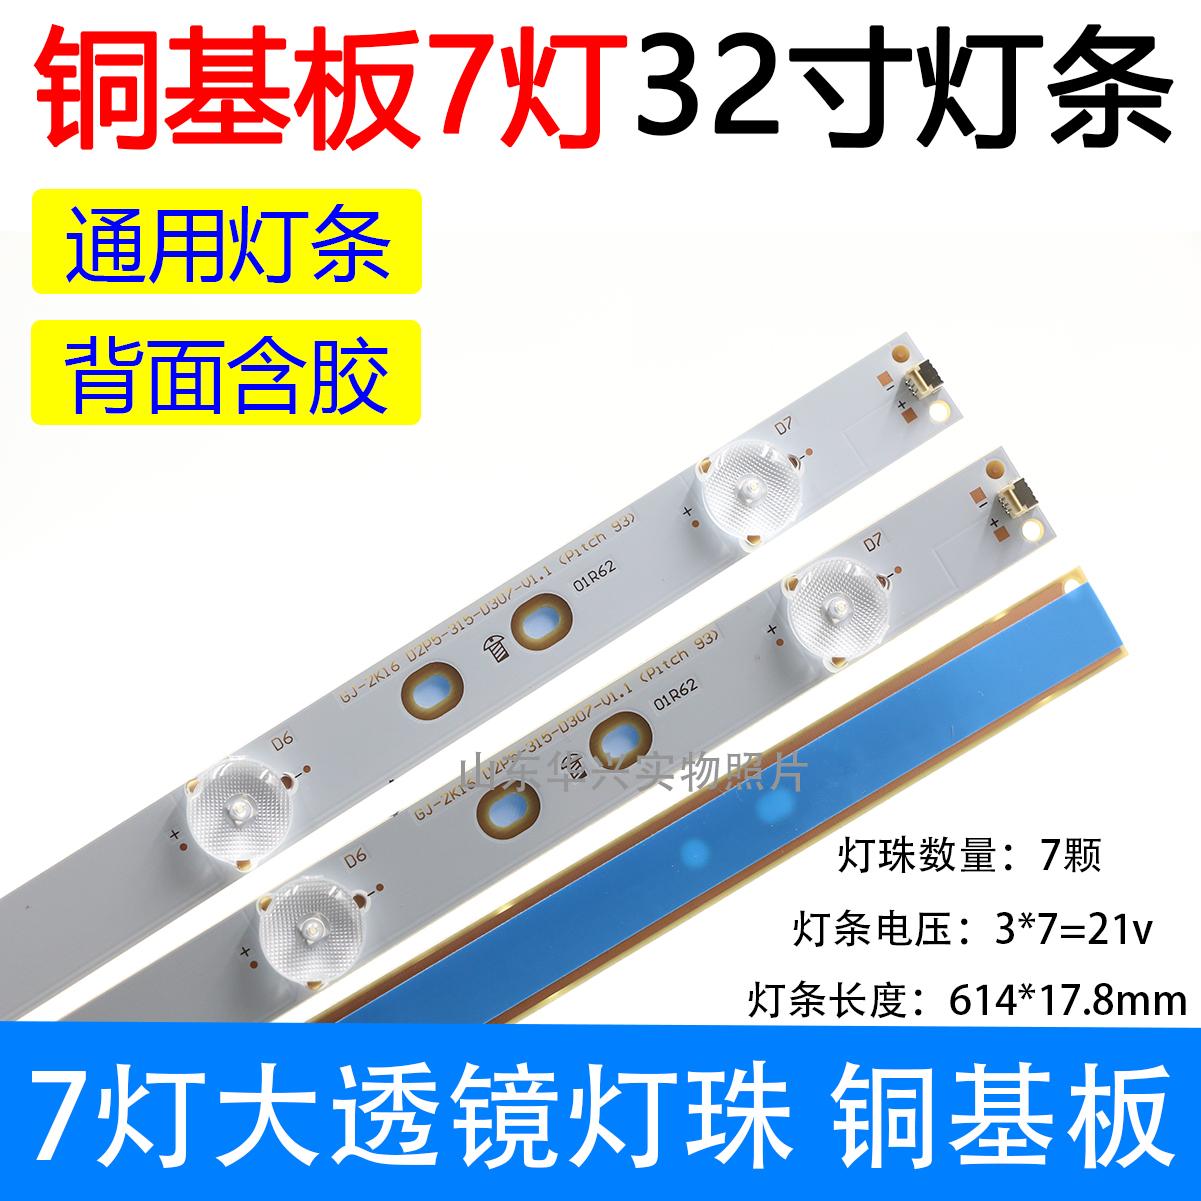 32E100E200E LB-F3528-GJX320307-H TPT315B5-WX226 32寸通用灯条